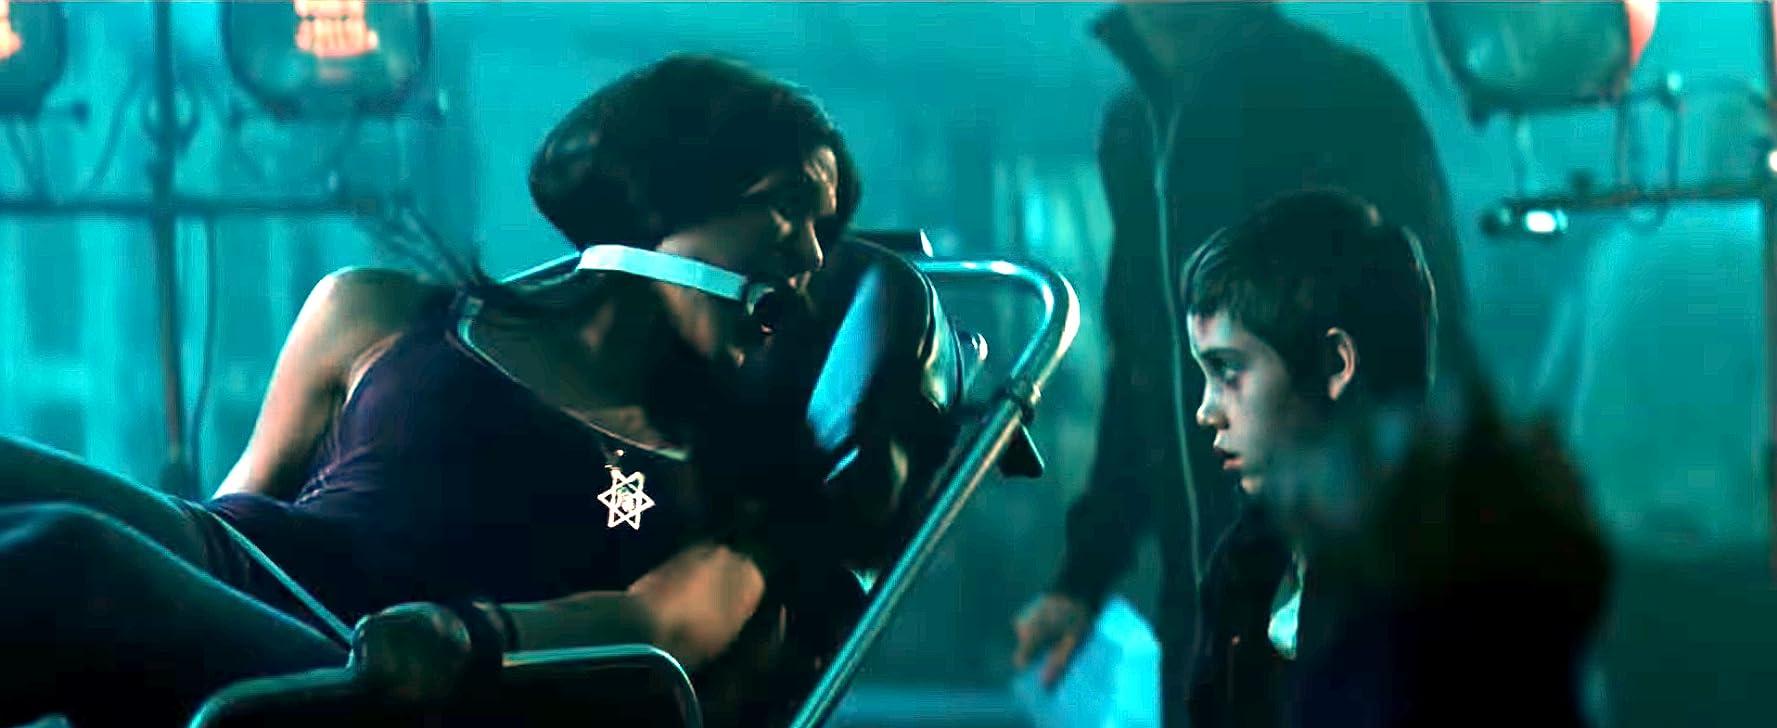 Salah satu adegan di dalam film The Unborn